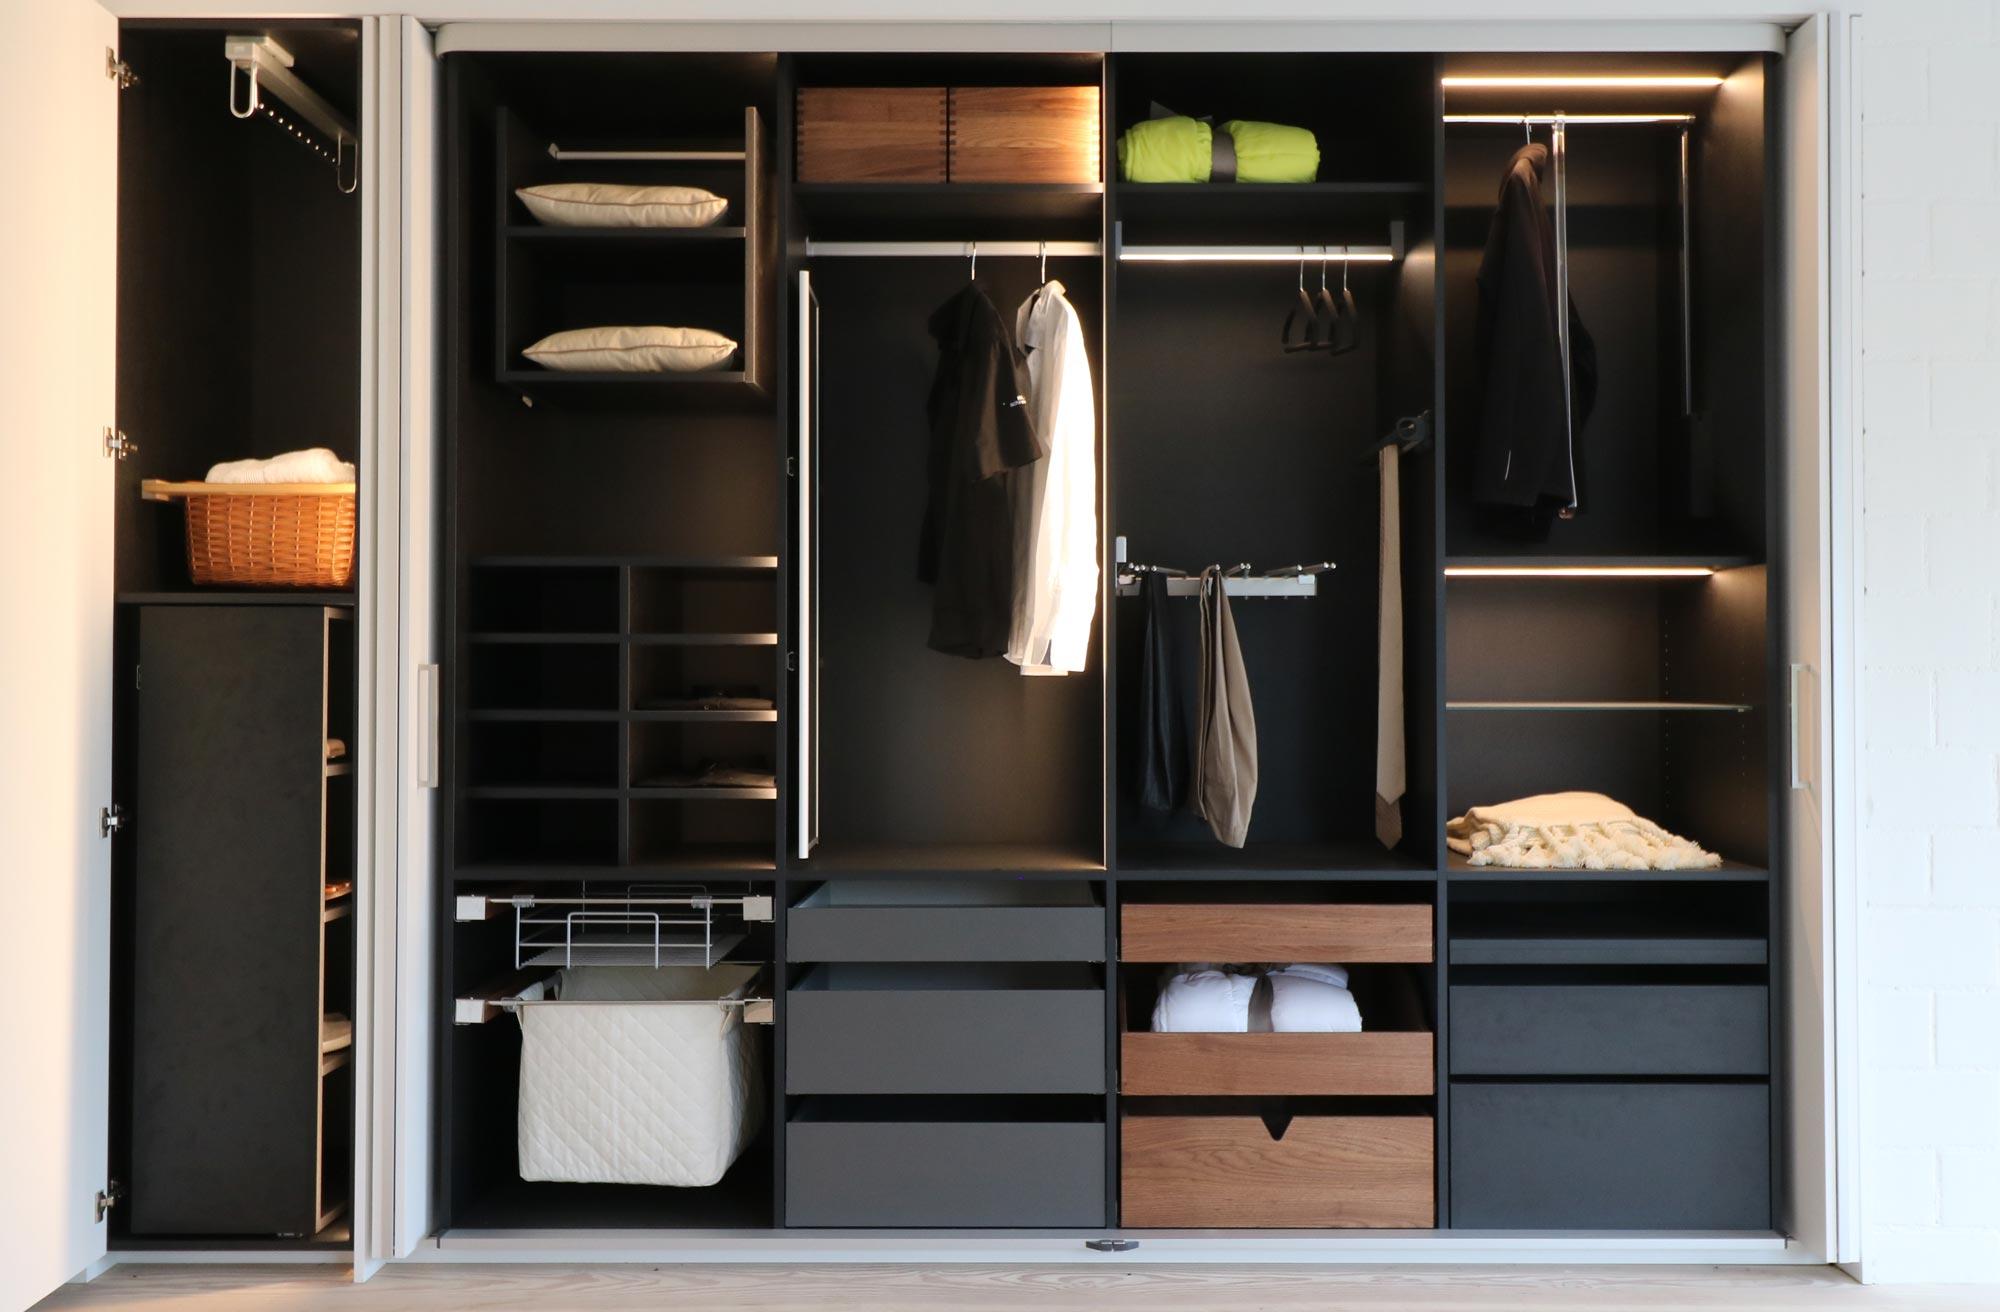 wie sieht ihr neuer schrank aus. Black Bedroom Furniture Sets. Home Design Ideas